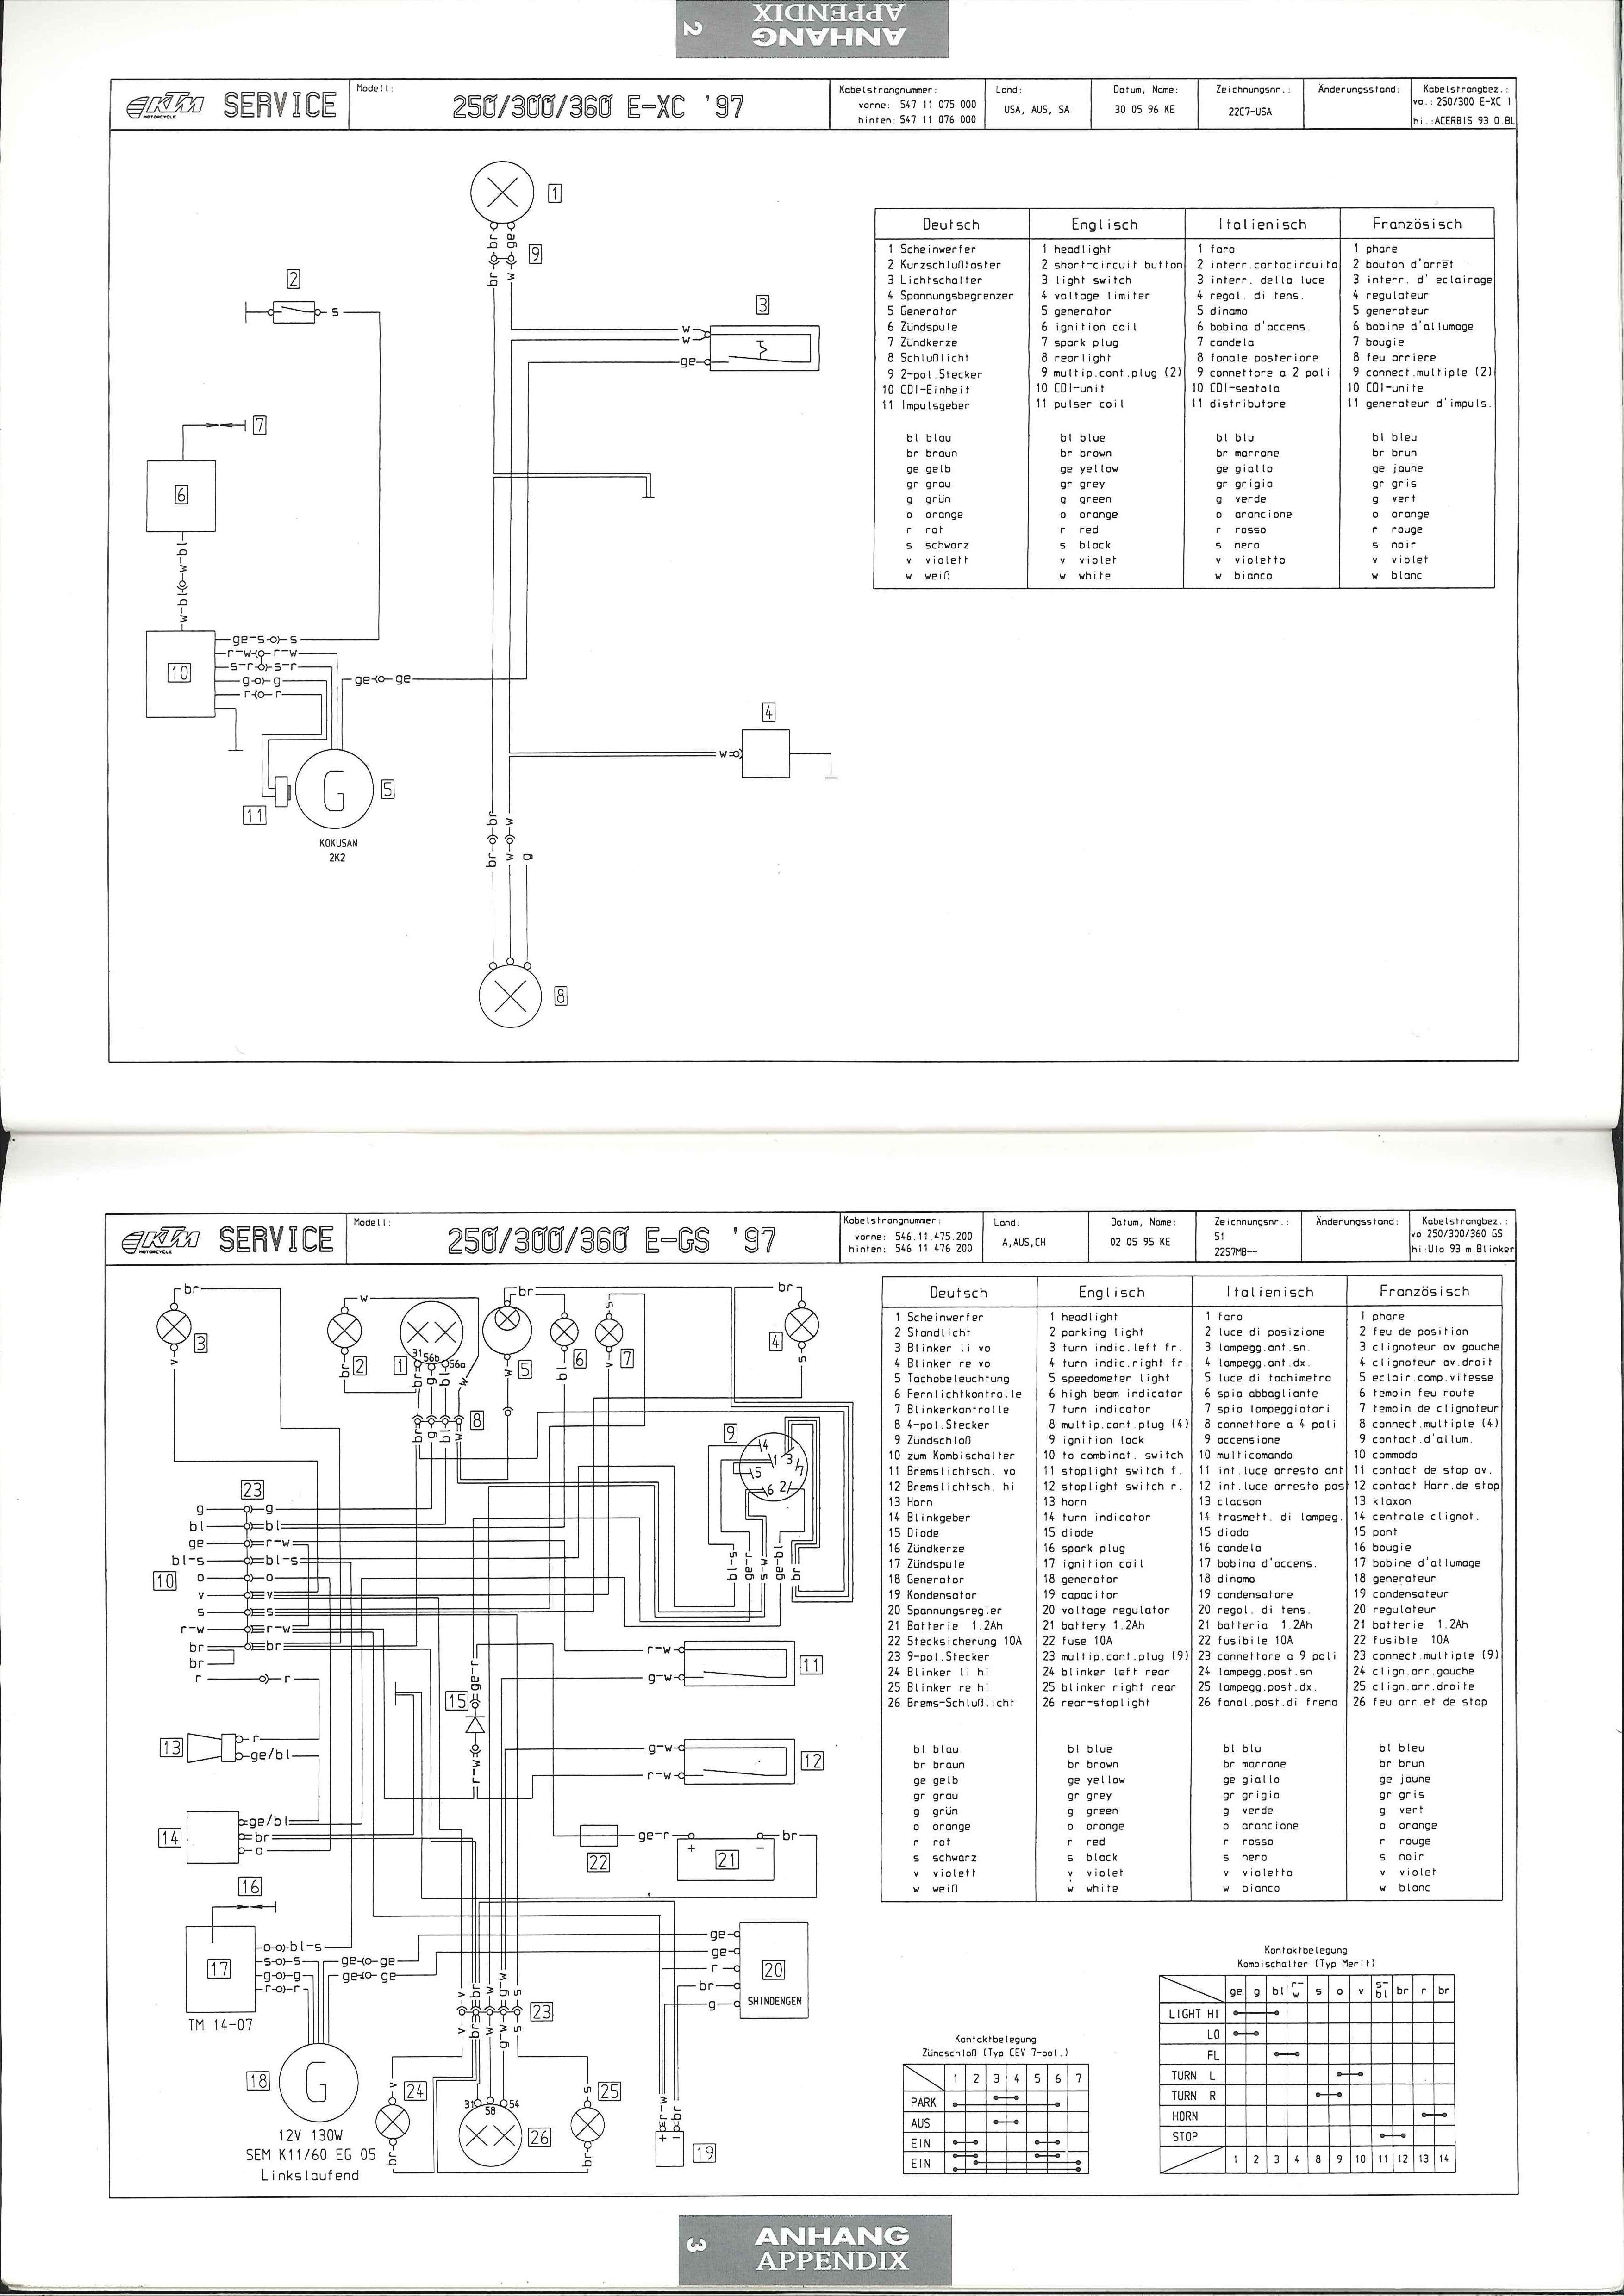 Tolle Saturn 97 Schaltplan Bilder - Der Schaltplan - greigo.com